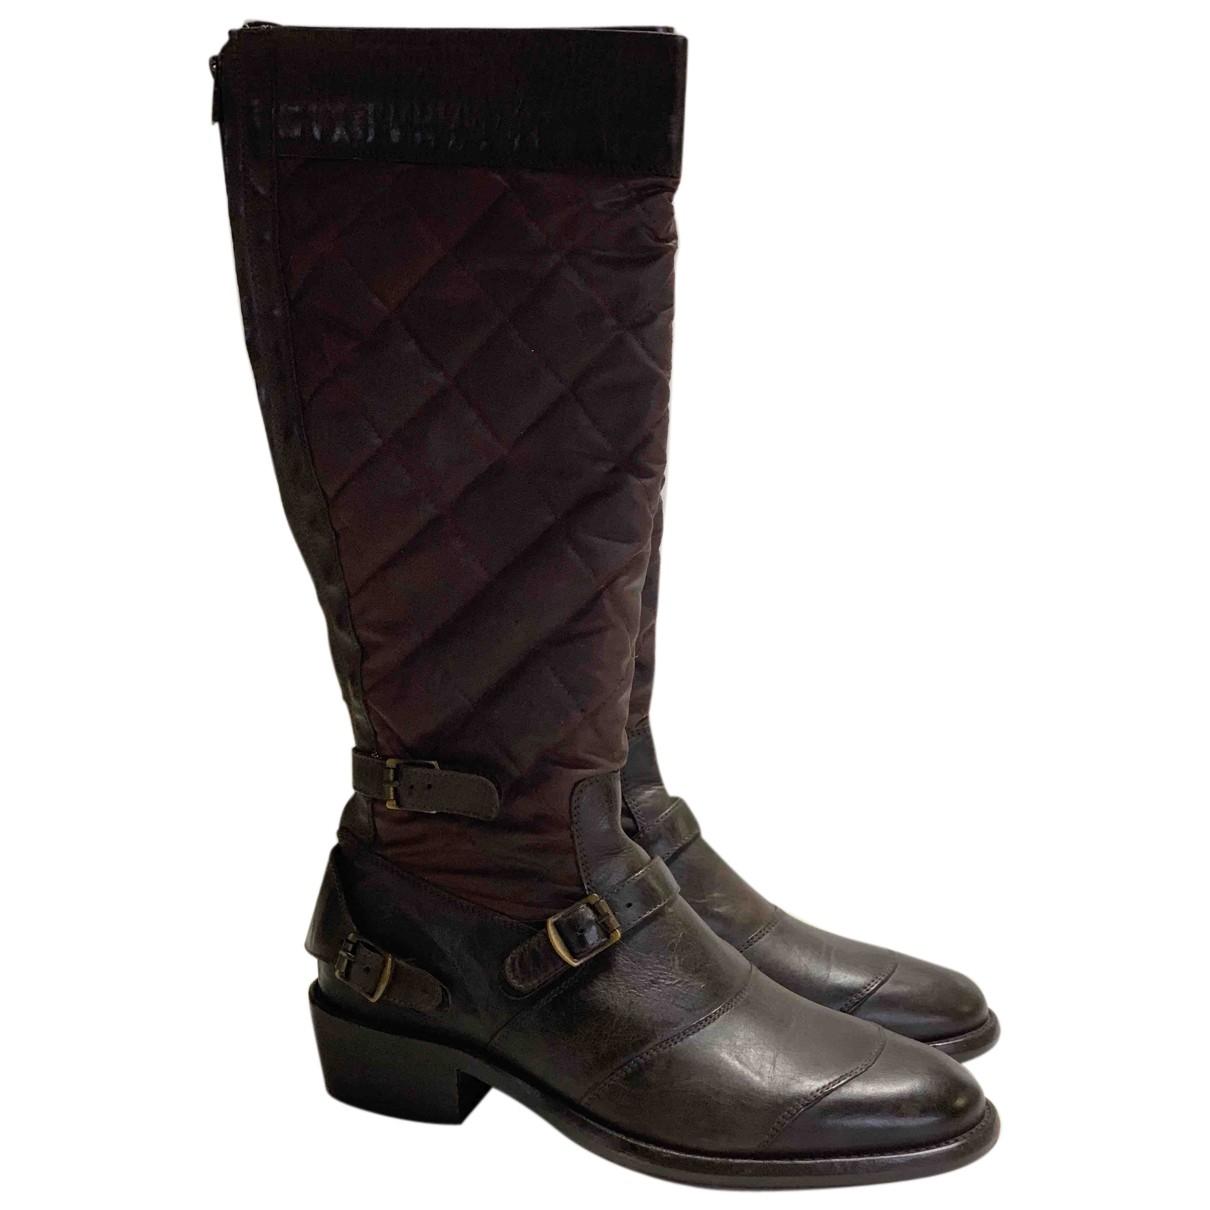 Belstaff - Boots   pour femme en cuir - marron